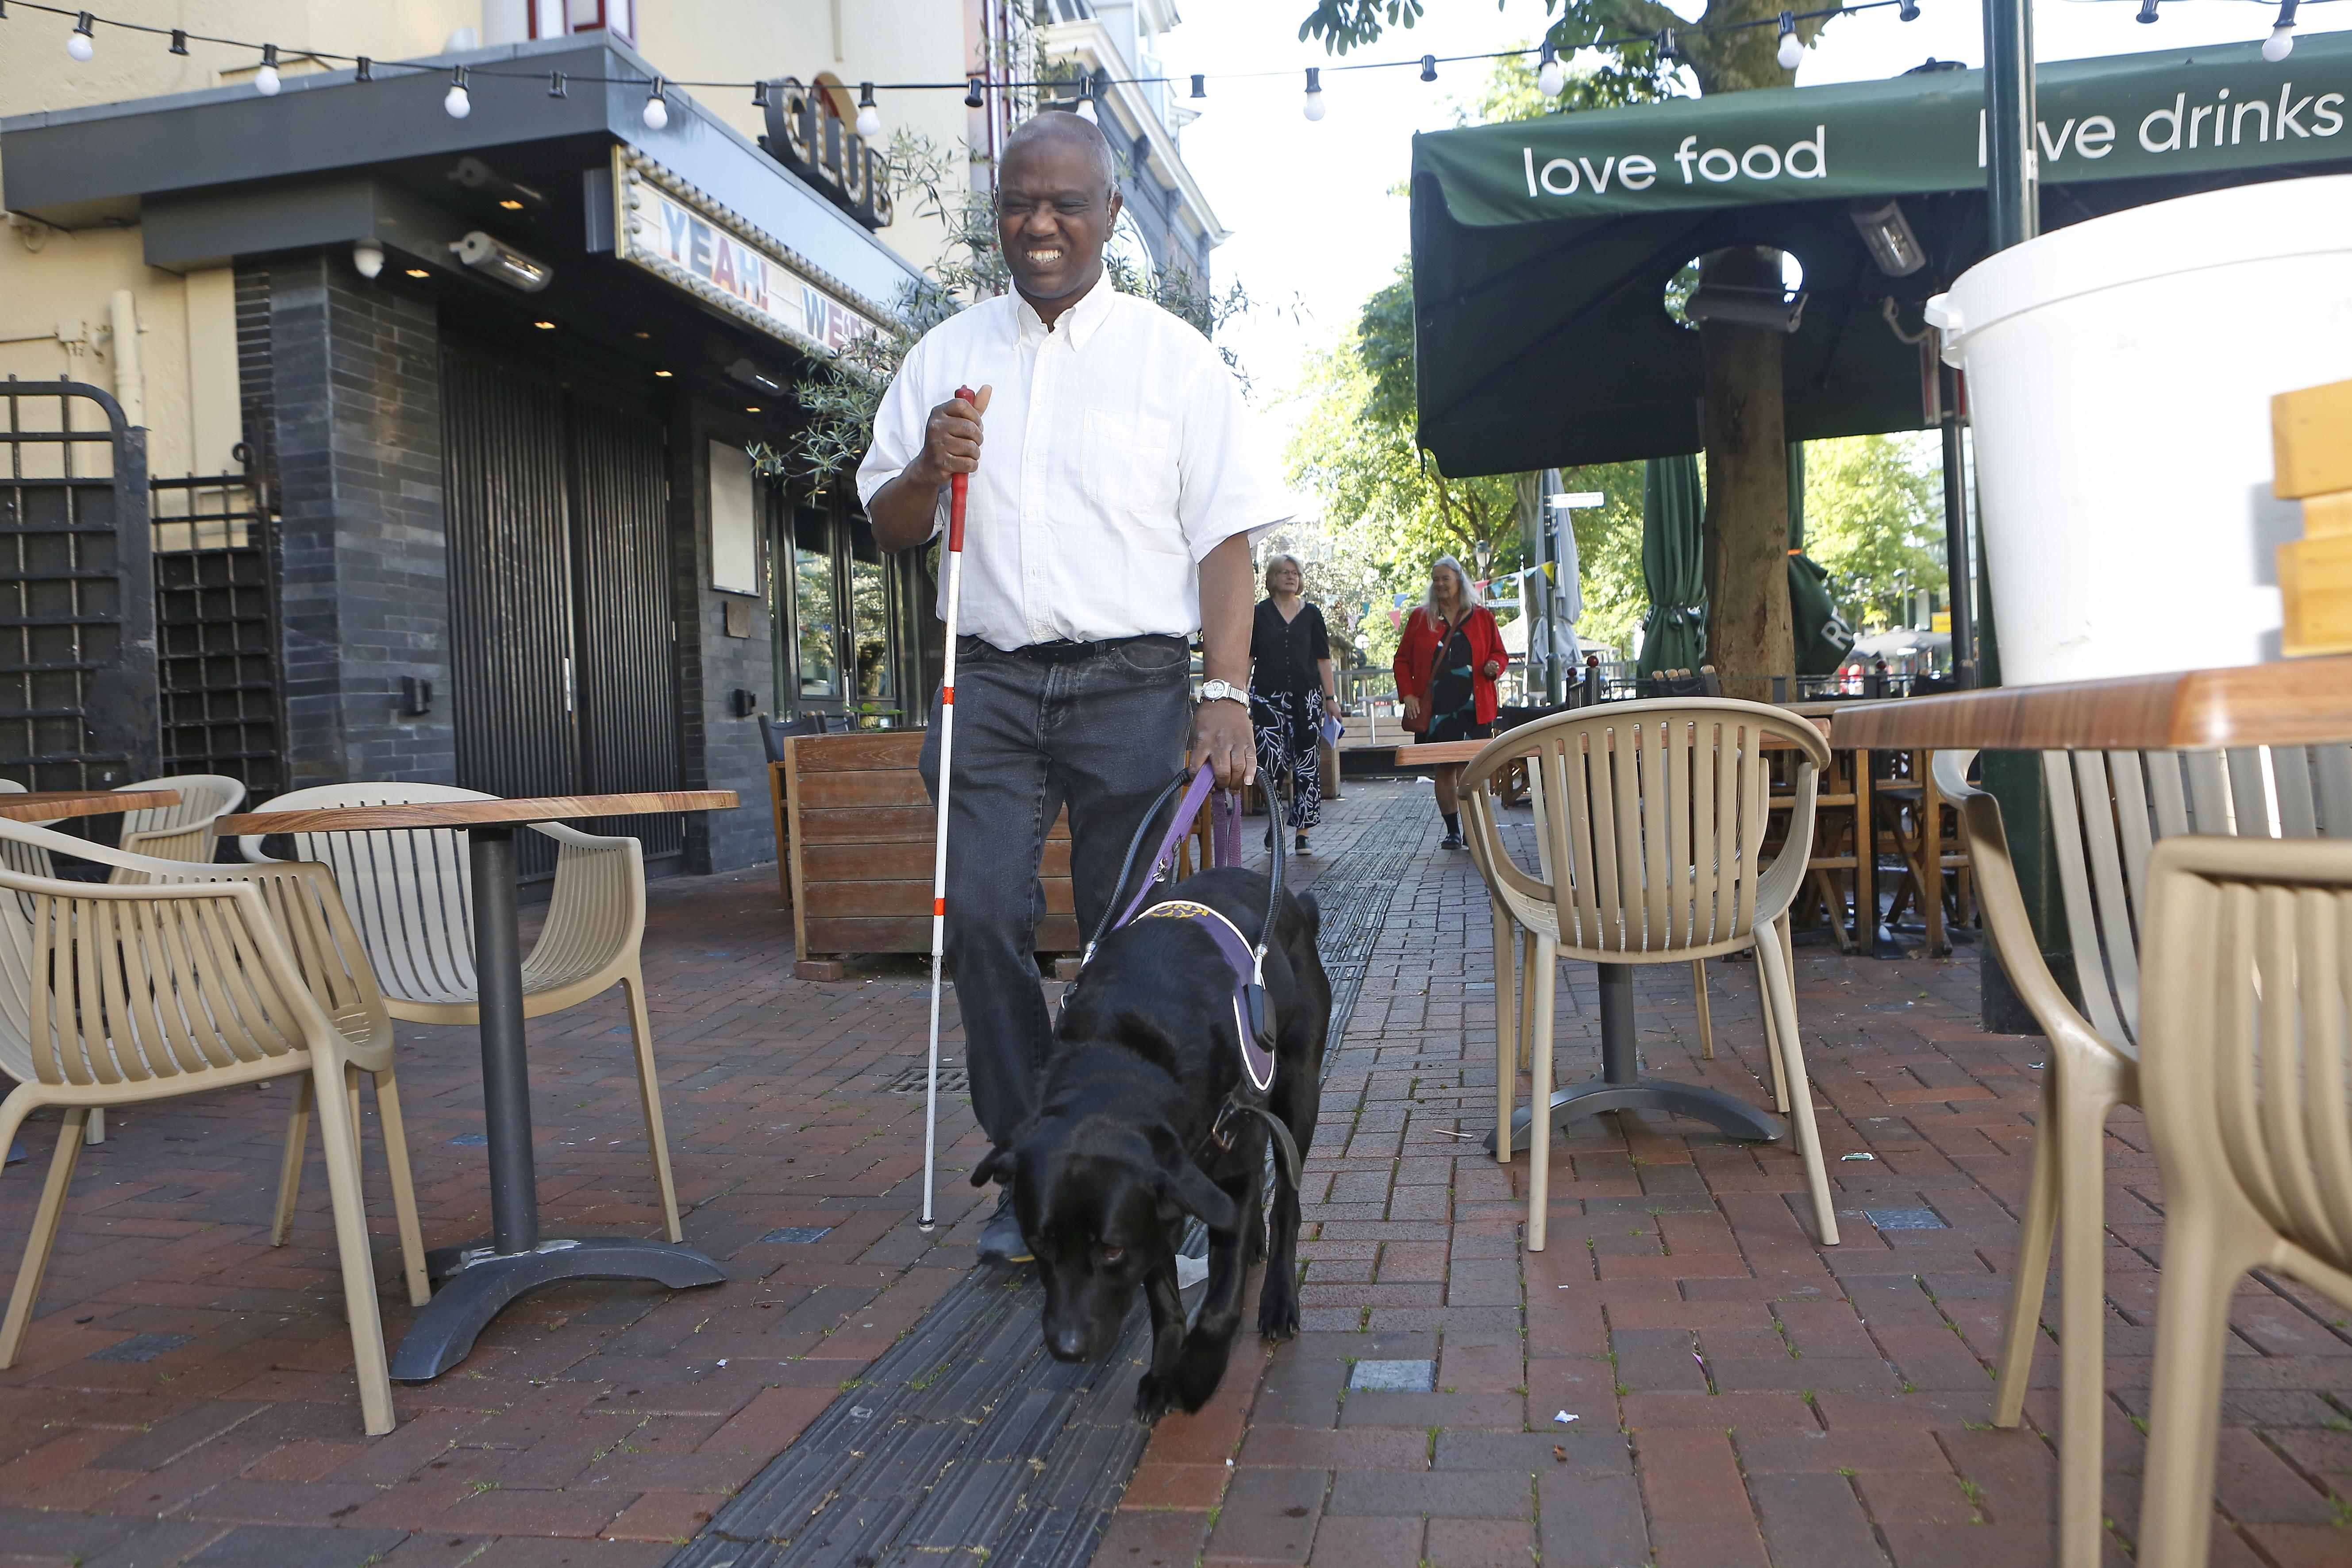 Hilversum maakt Groest toegankelijker dankzij mail van blinde Gregory Dunker: 'Het probleem zit nu wel goed tussen de oren'